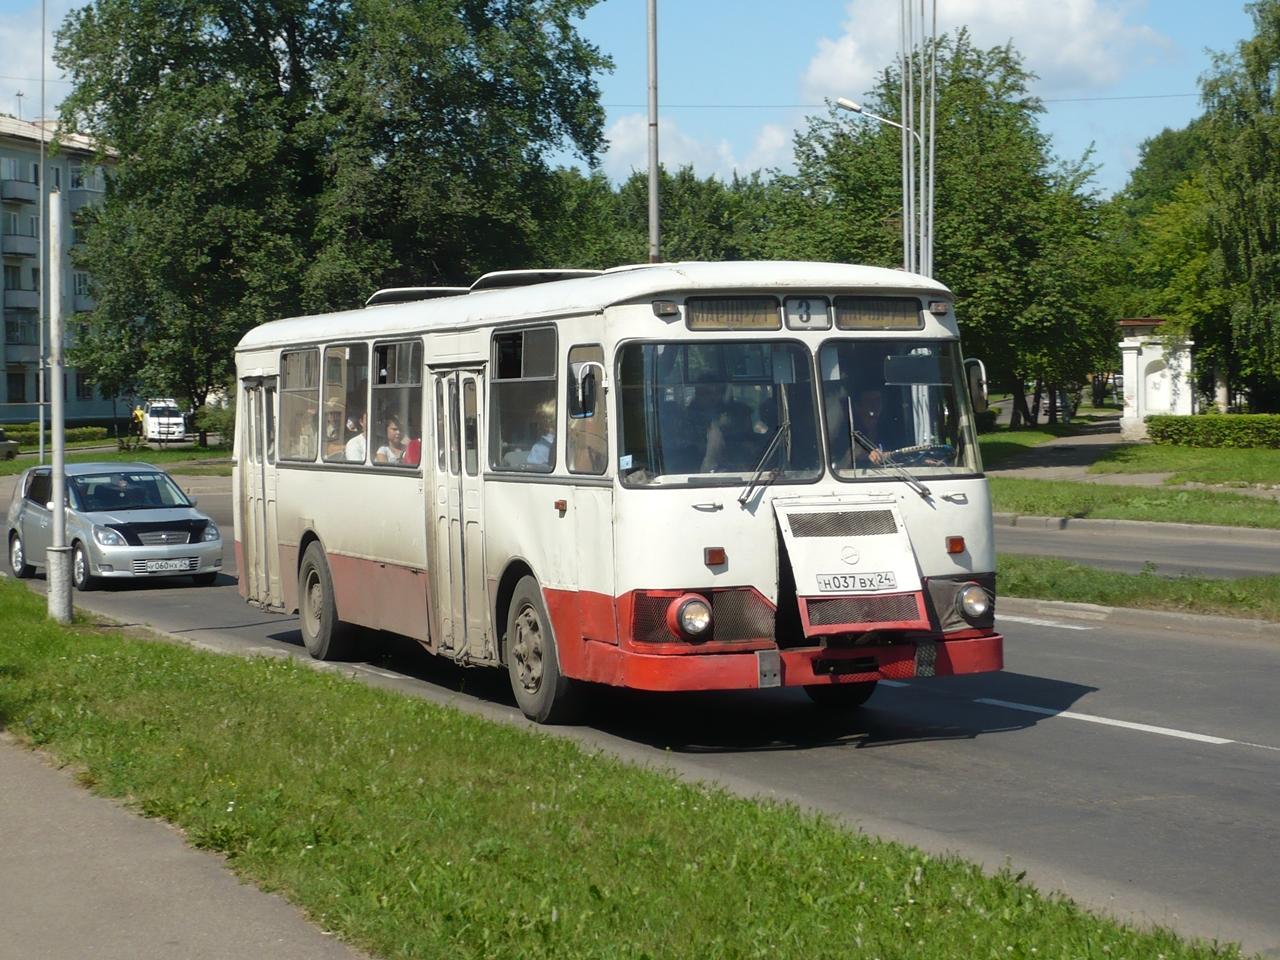 File:Liaz 677 Zheleznogorsk 2012.jpg